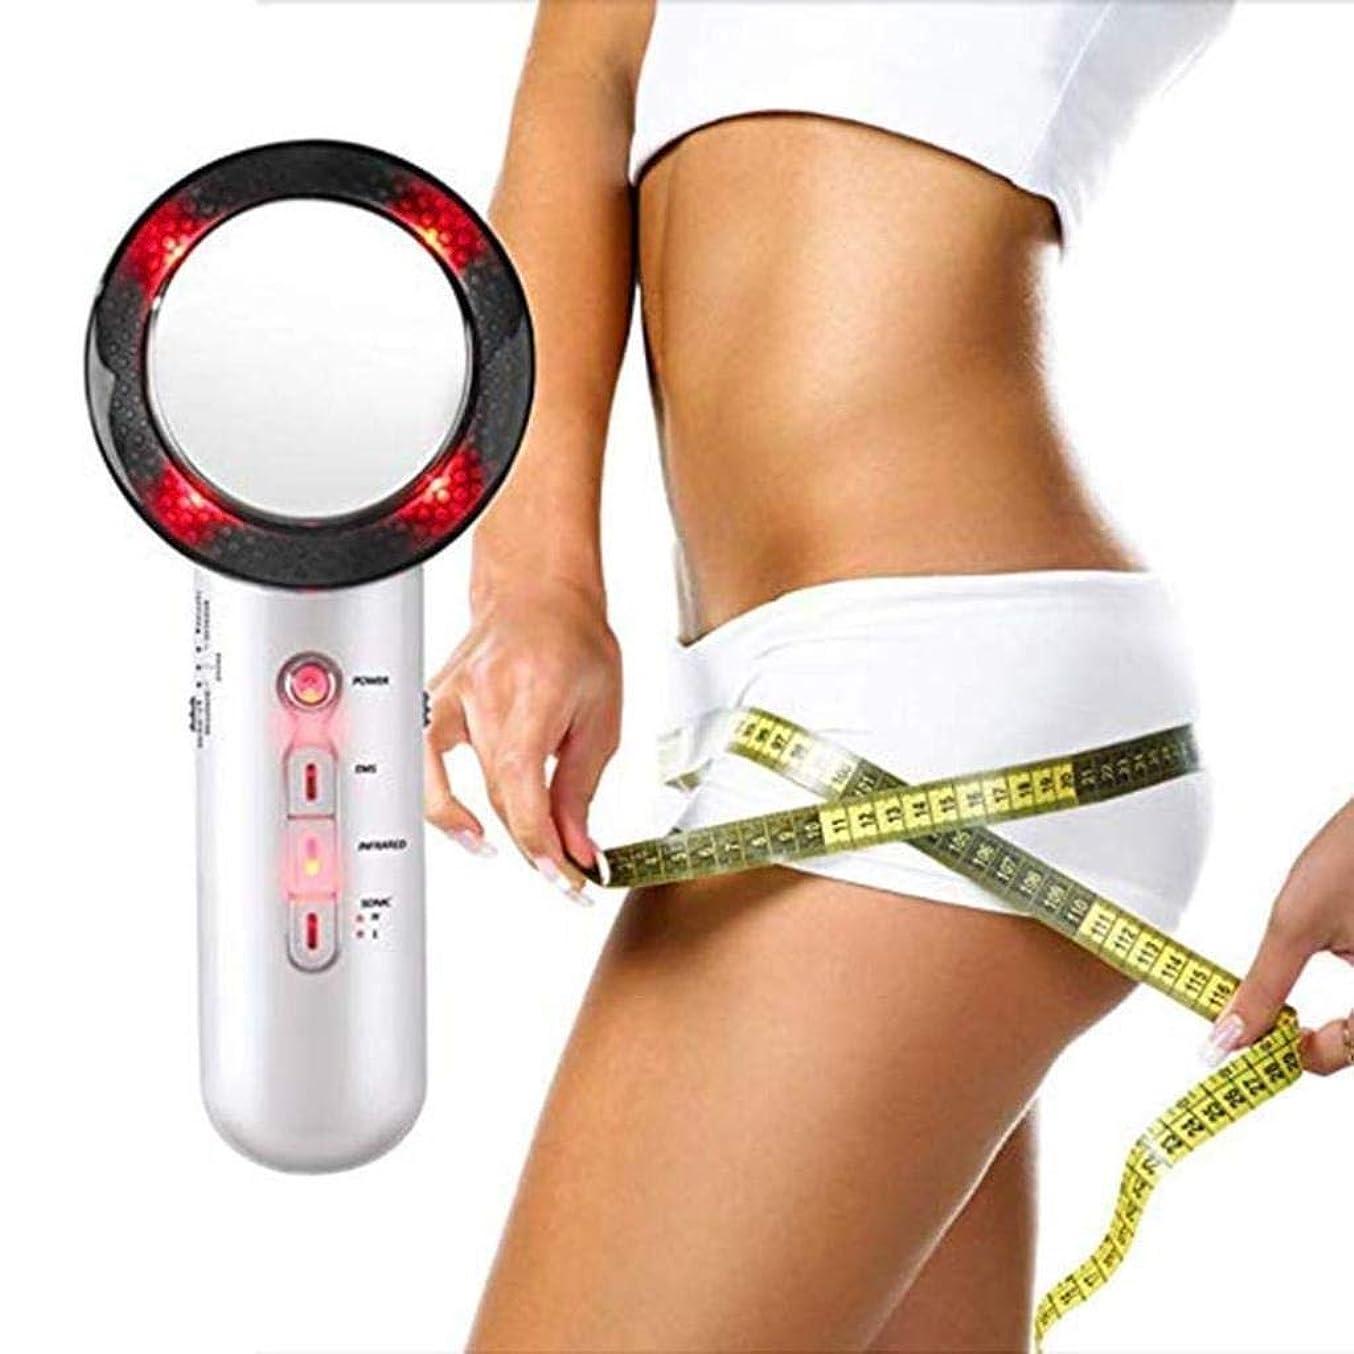 メイド薄汚い子豚EMSの赤外線ライト振動と超音波セルライトの脂肪質の取り外しのマッサージャーの腹減量